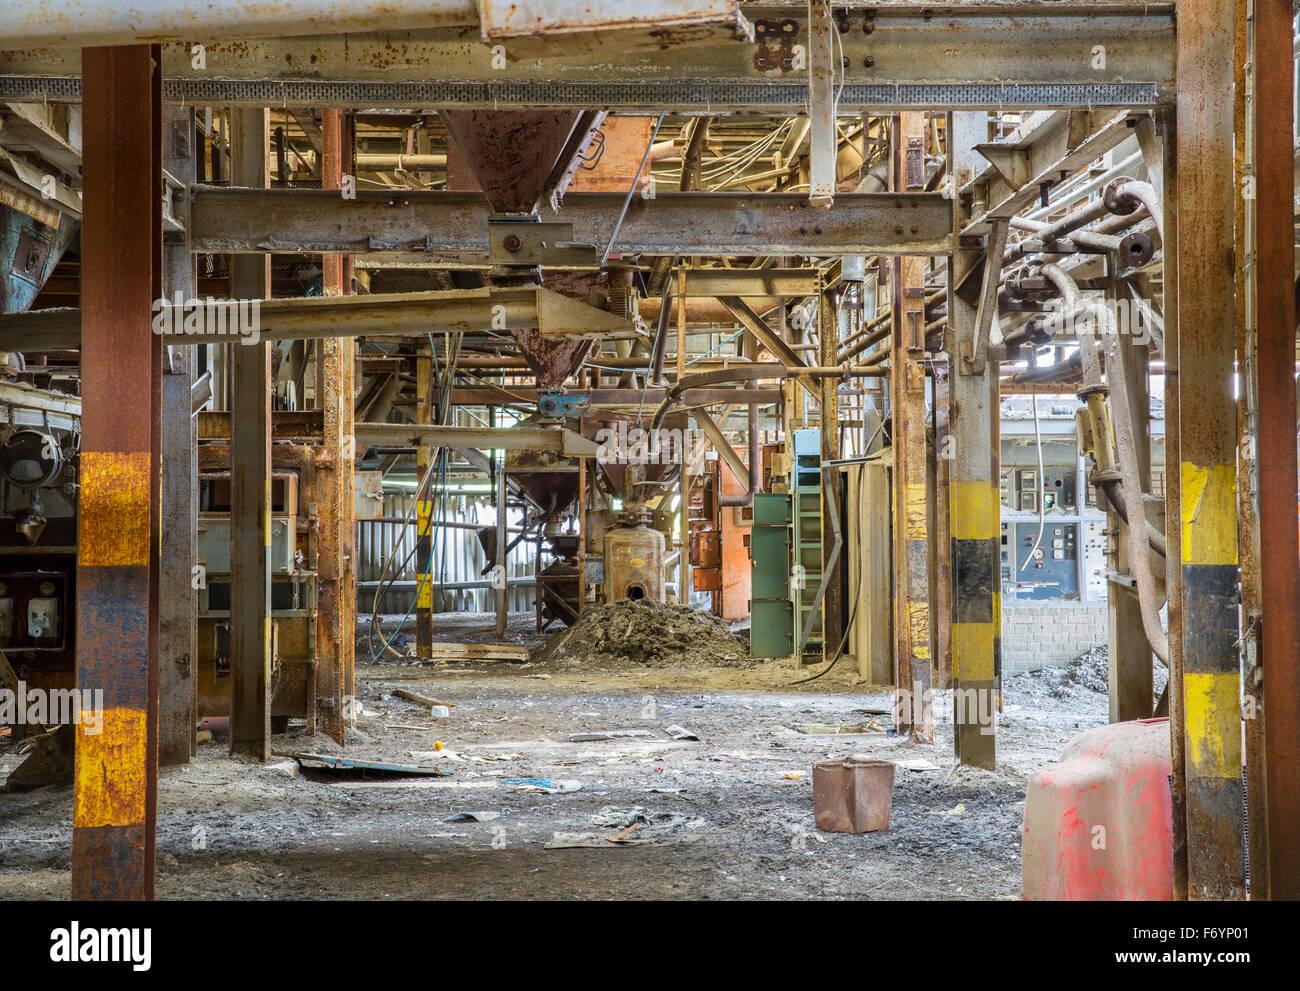 Edificio abandonado- Fabricación de cerveza Imagen De Stock